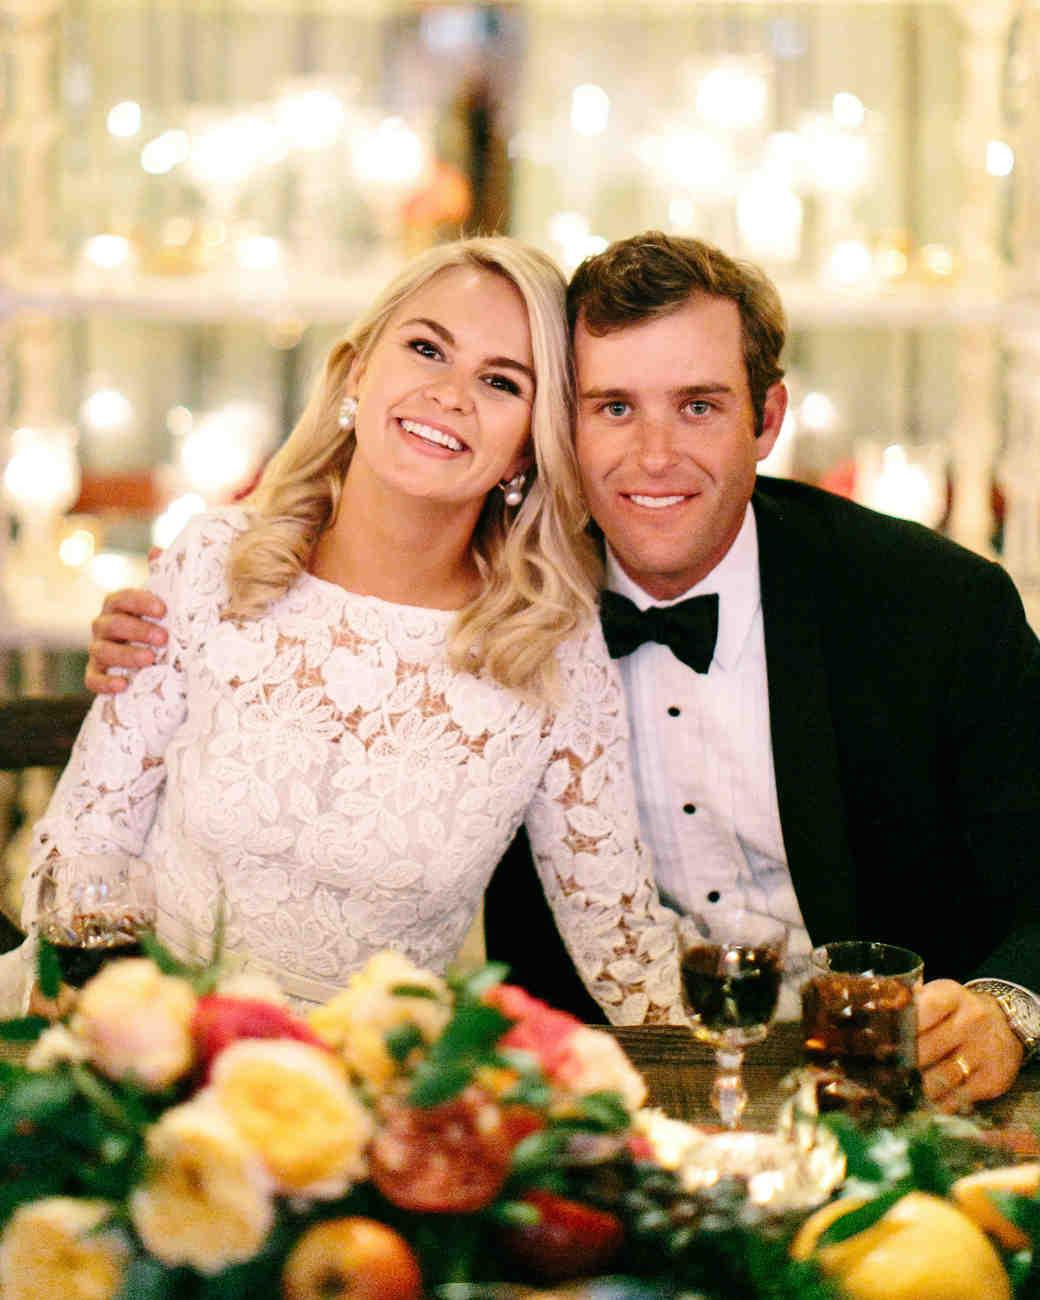 wedding reception couple portrait